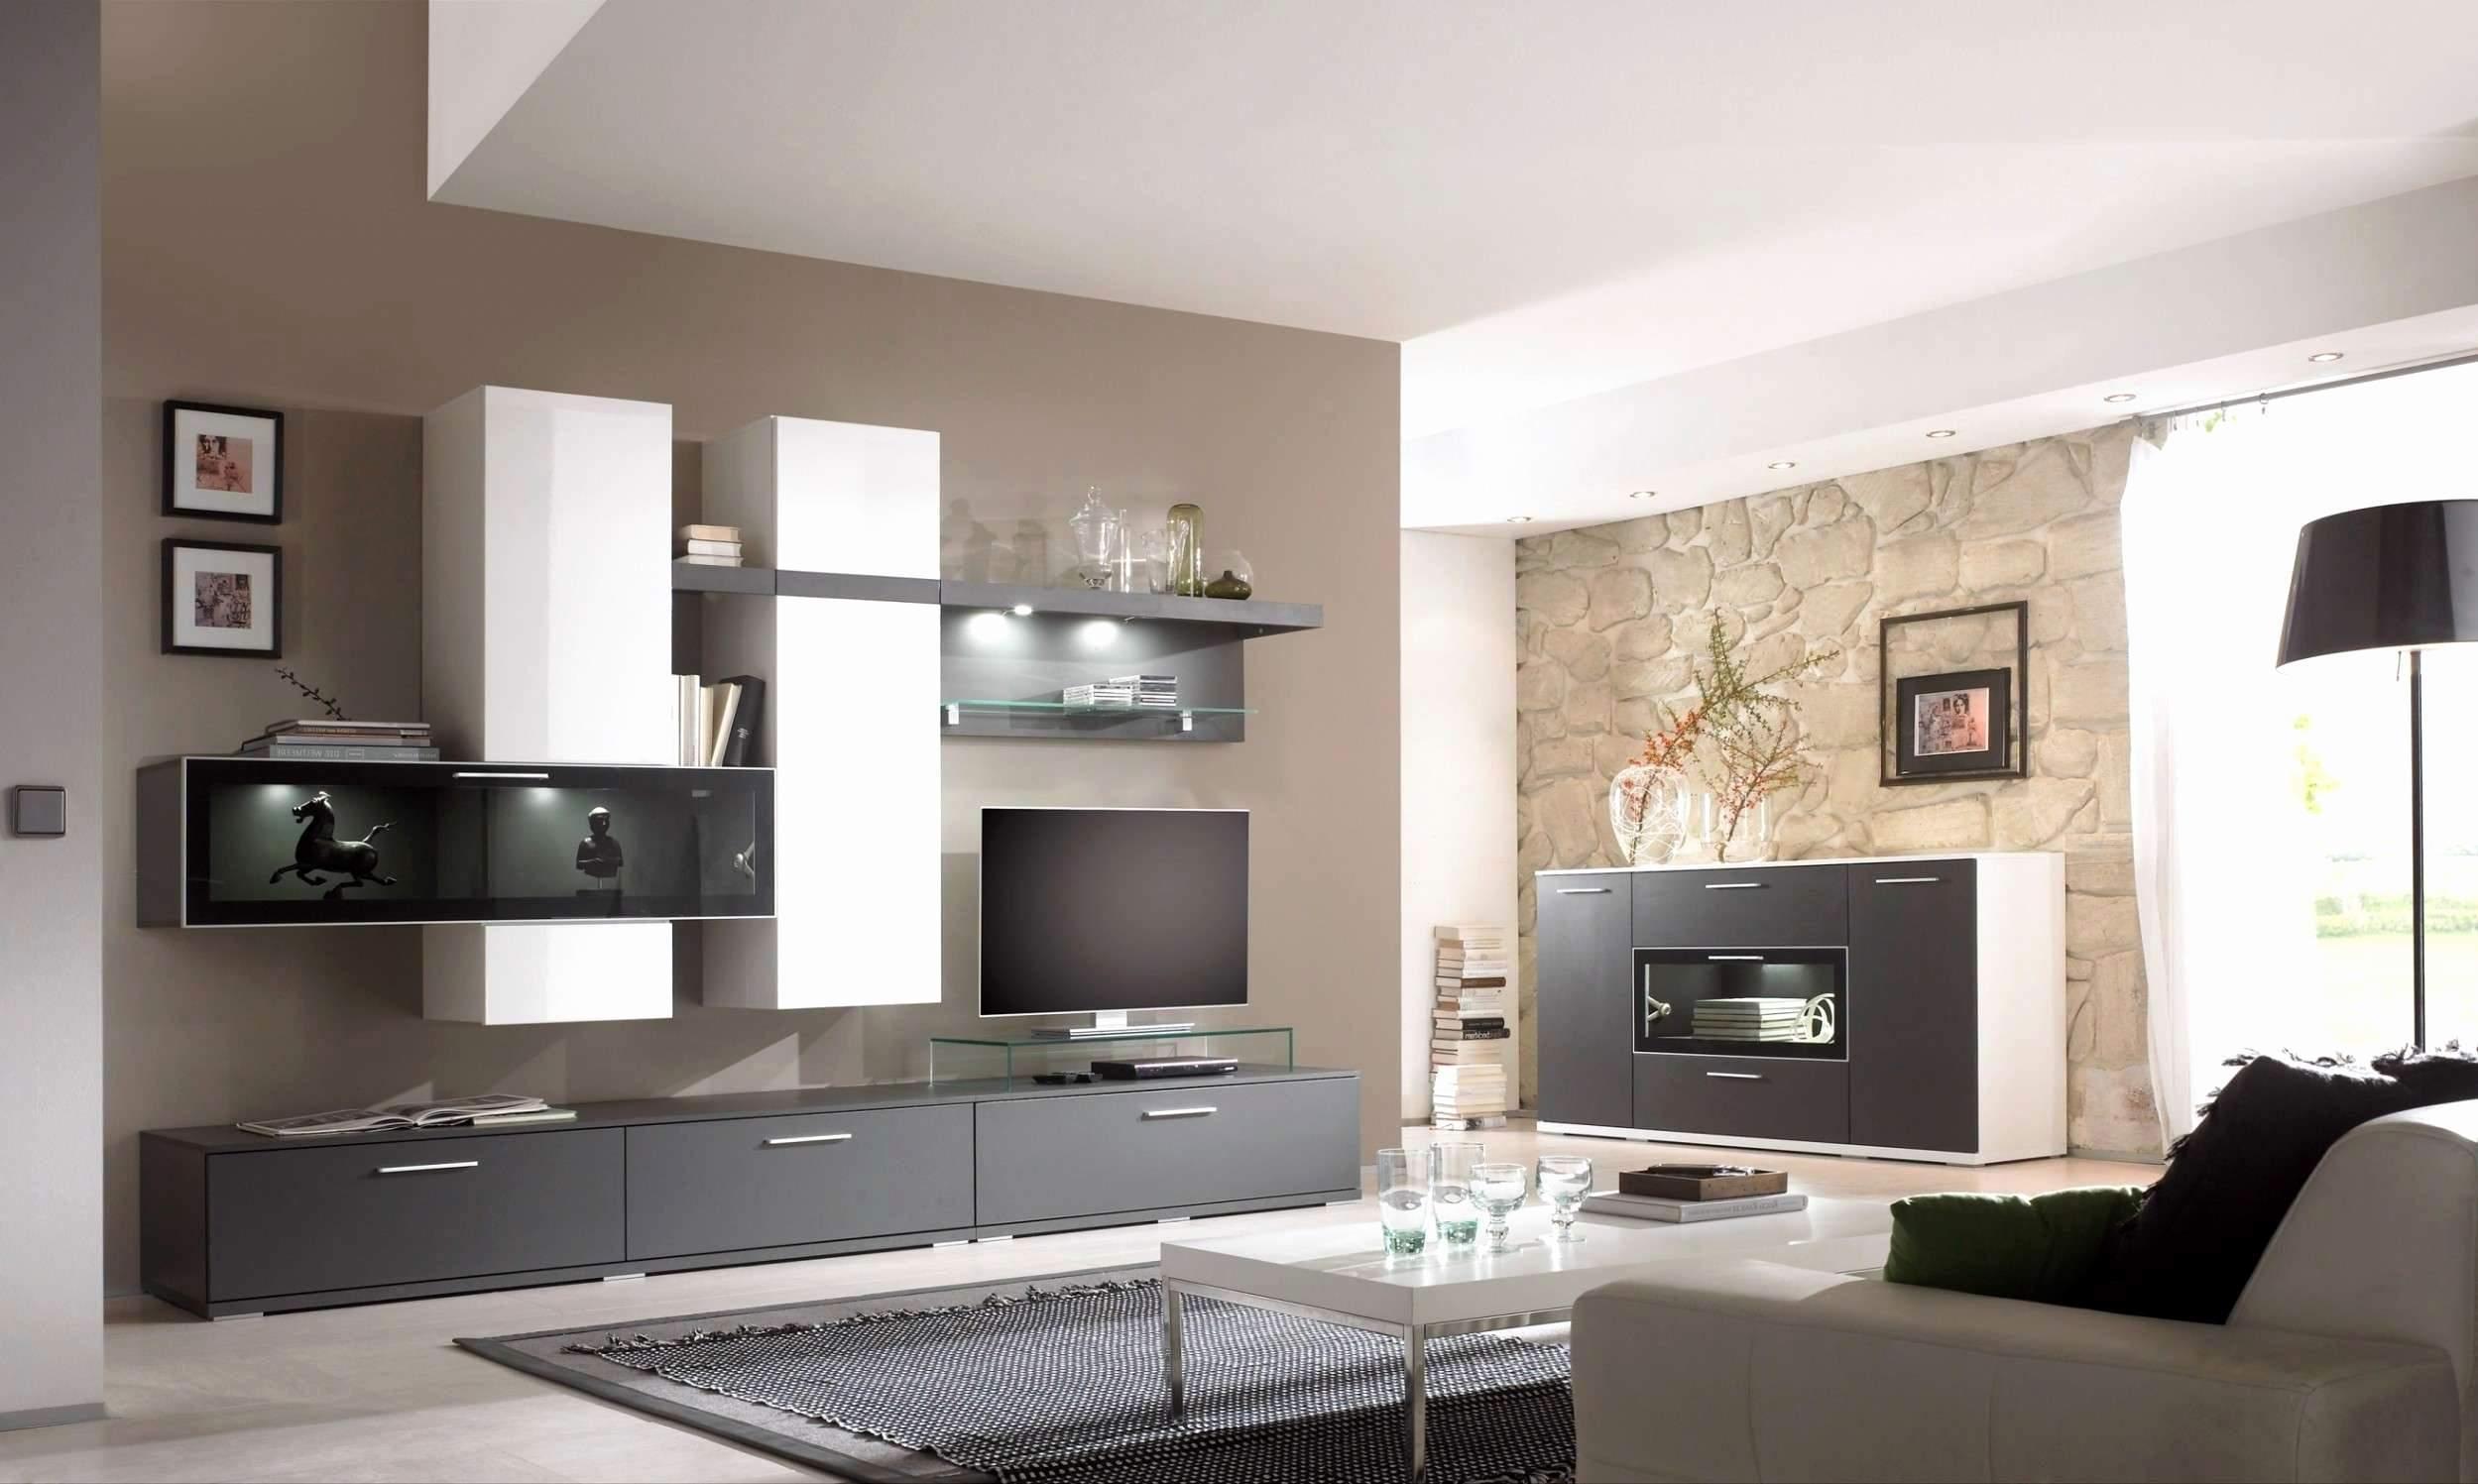 wohnzimmer beleuchtung ideen das beste von luxus lampen neu ideen wohnzimmer lampe und luxus wohnzimmer of wohnzimmer beleuchtung ideen